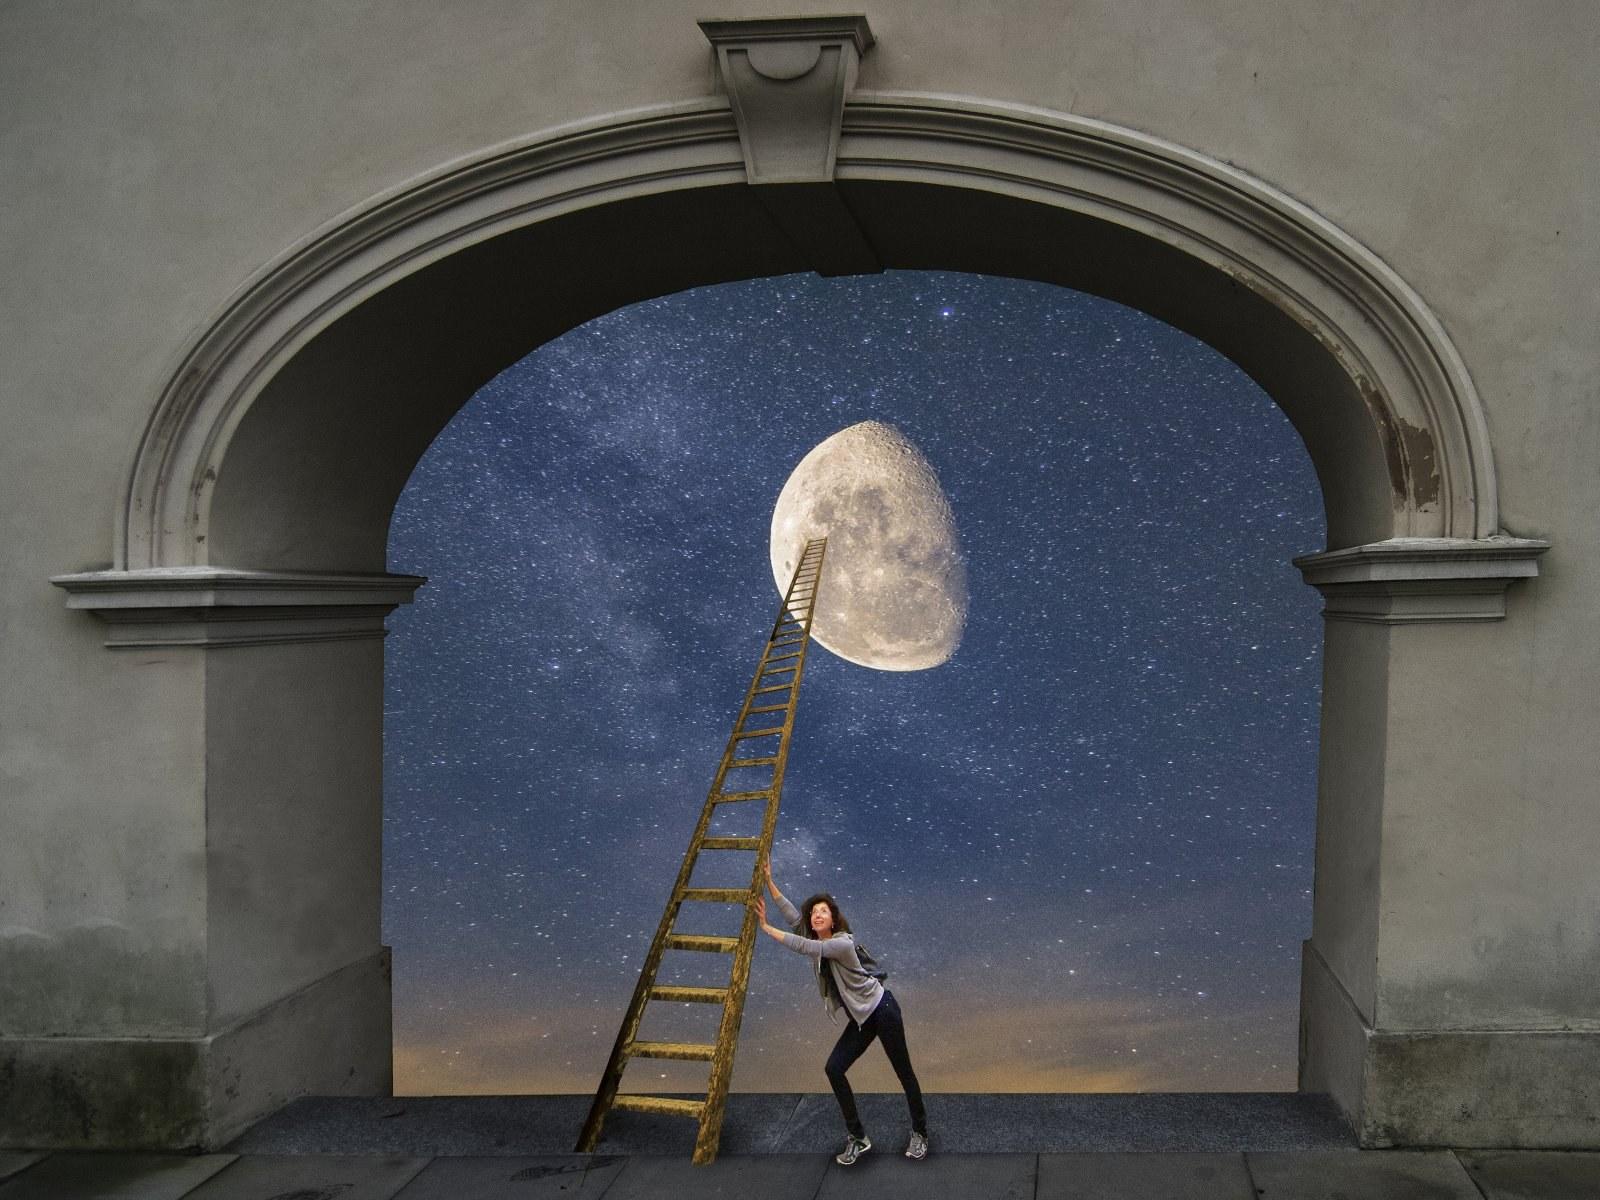 Cezary Dubiel, Dosięgnąć księżyca, 2019